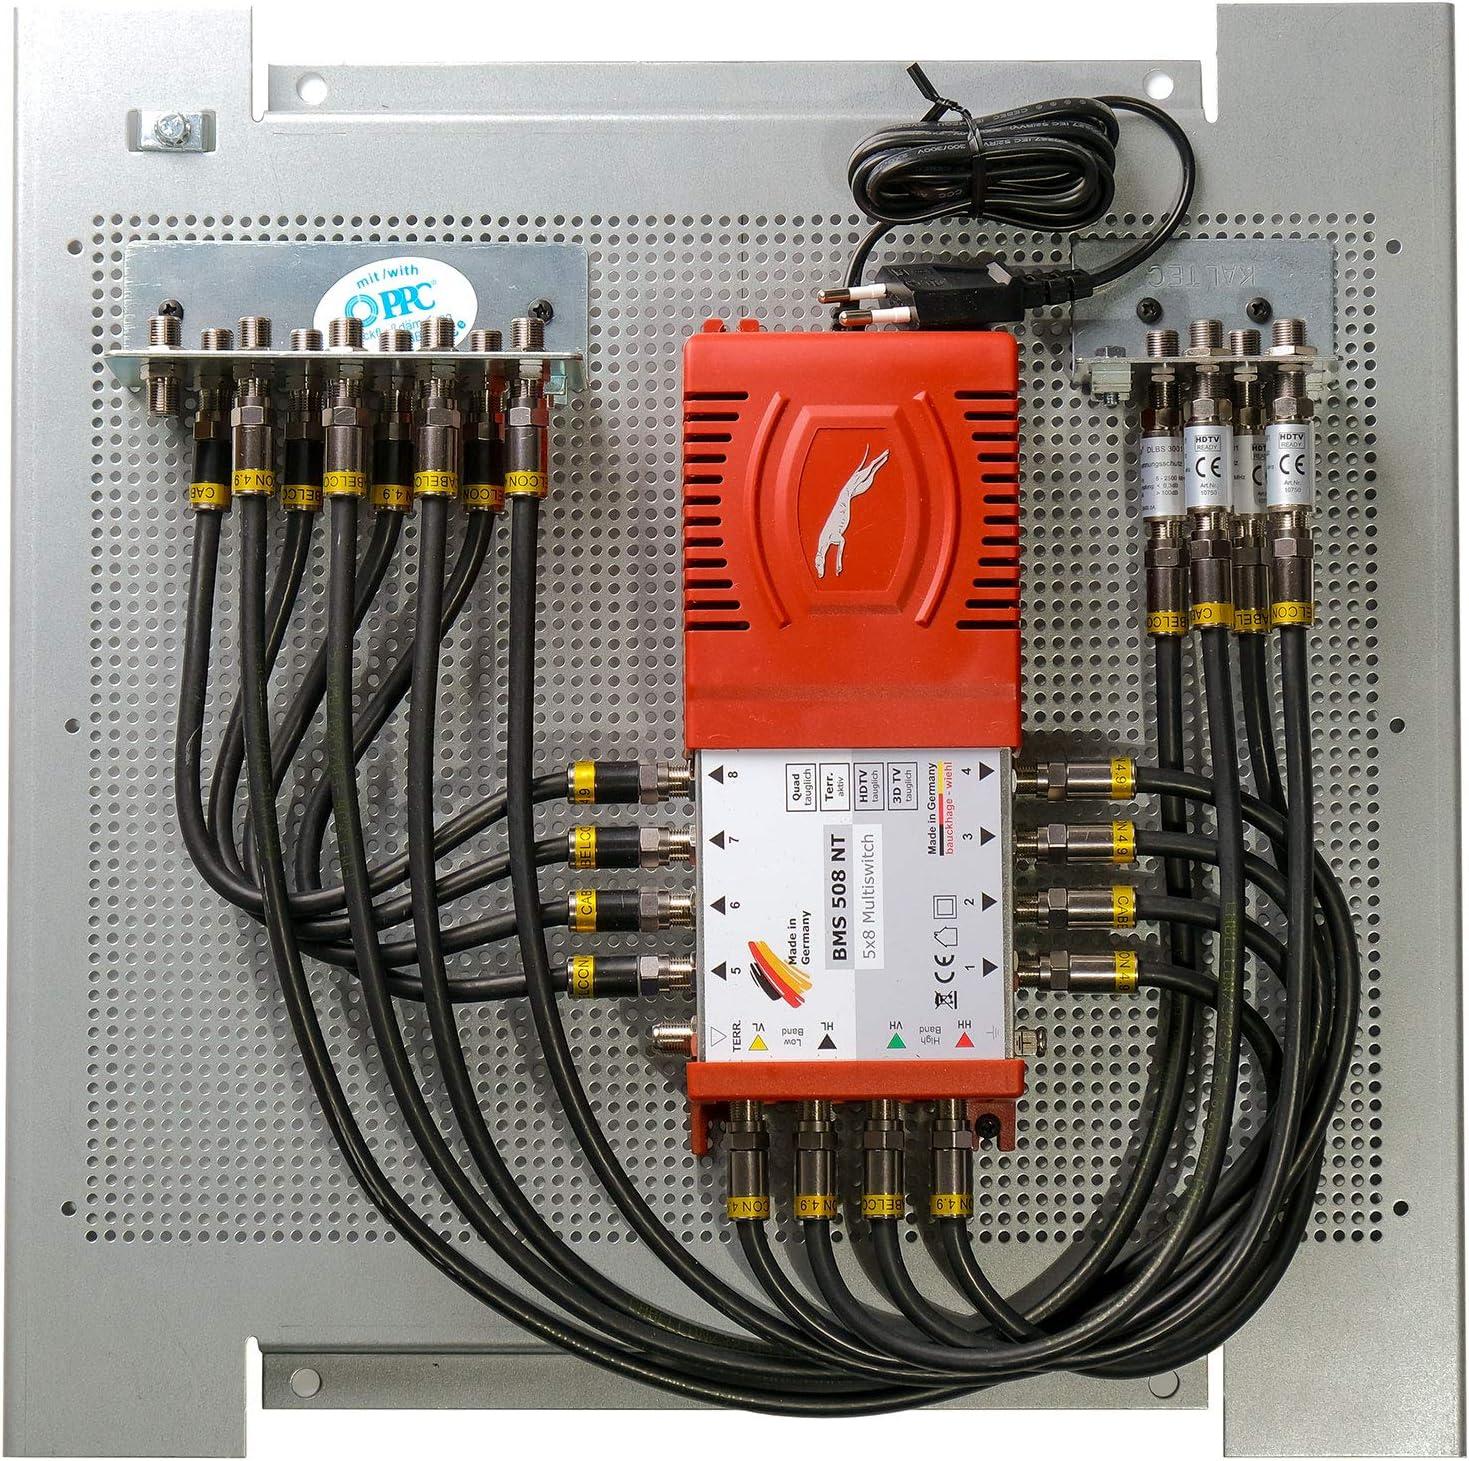 Multischalterpanel 5 8 Xmediasat Mp Bms508 Für 8 Teilnehmer Vormontiert Mit Potentialausgleich Und Überspannungsschutz Baumarkt